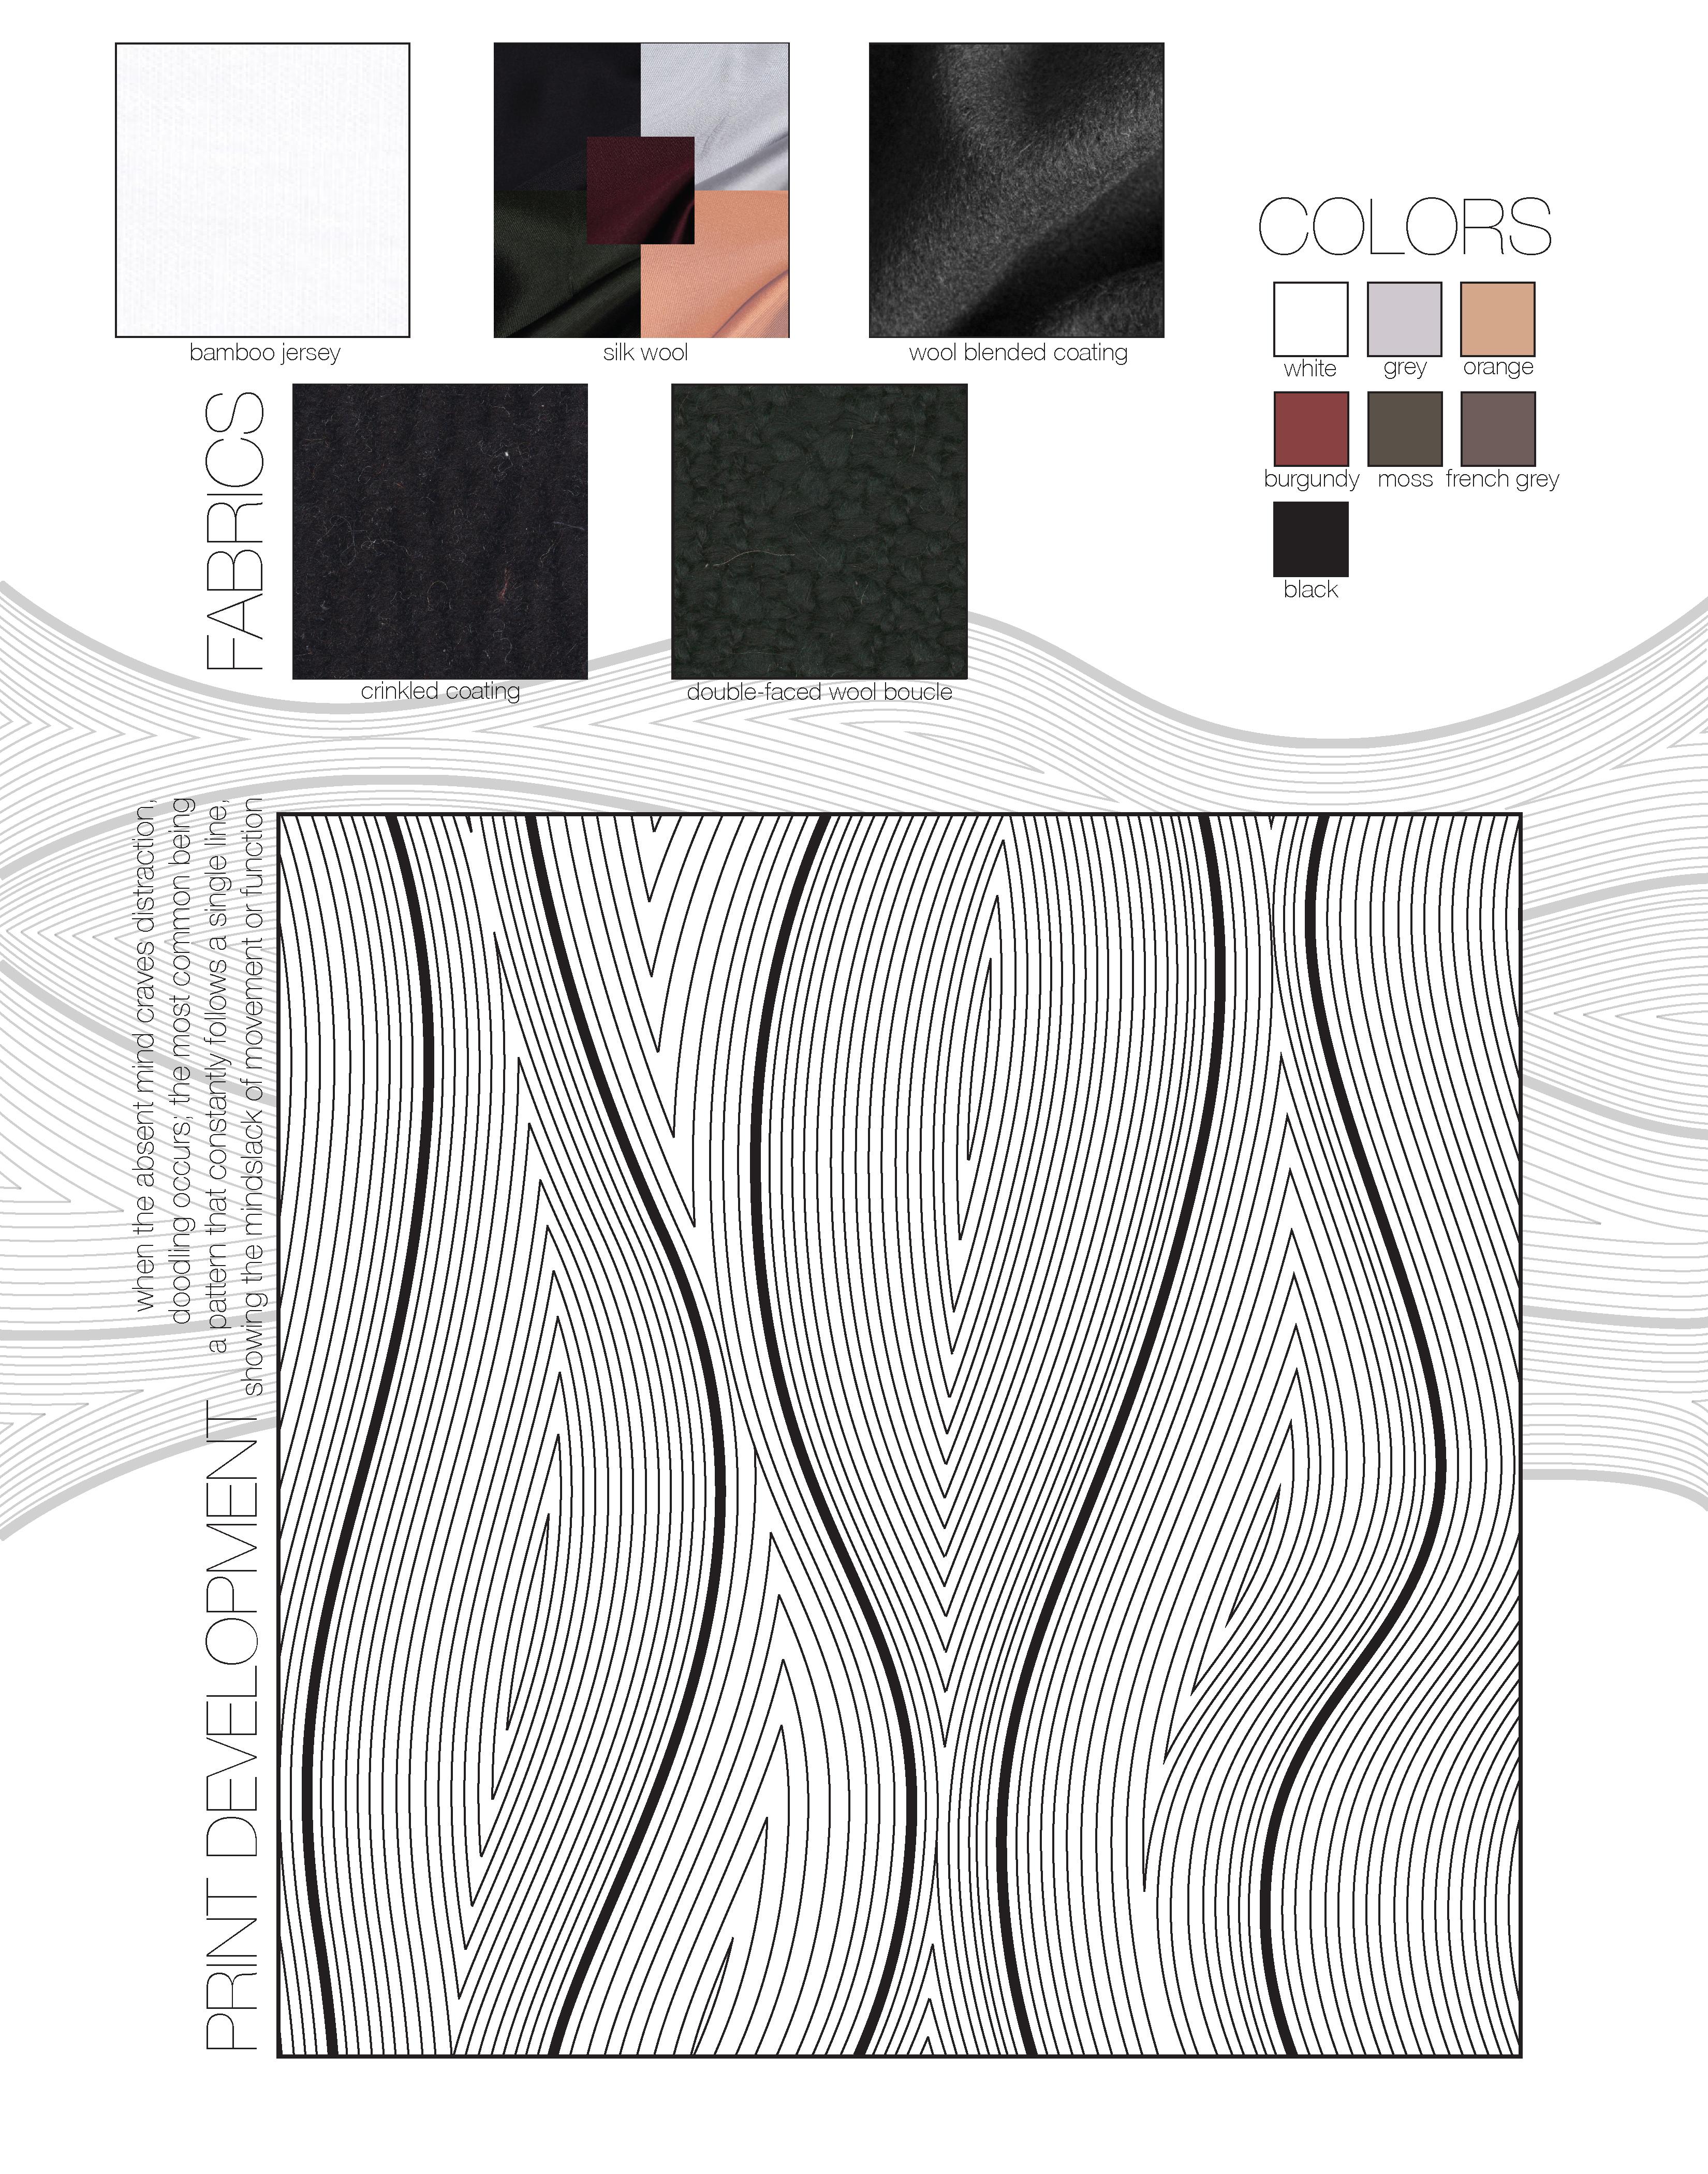 nd fabric page